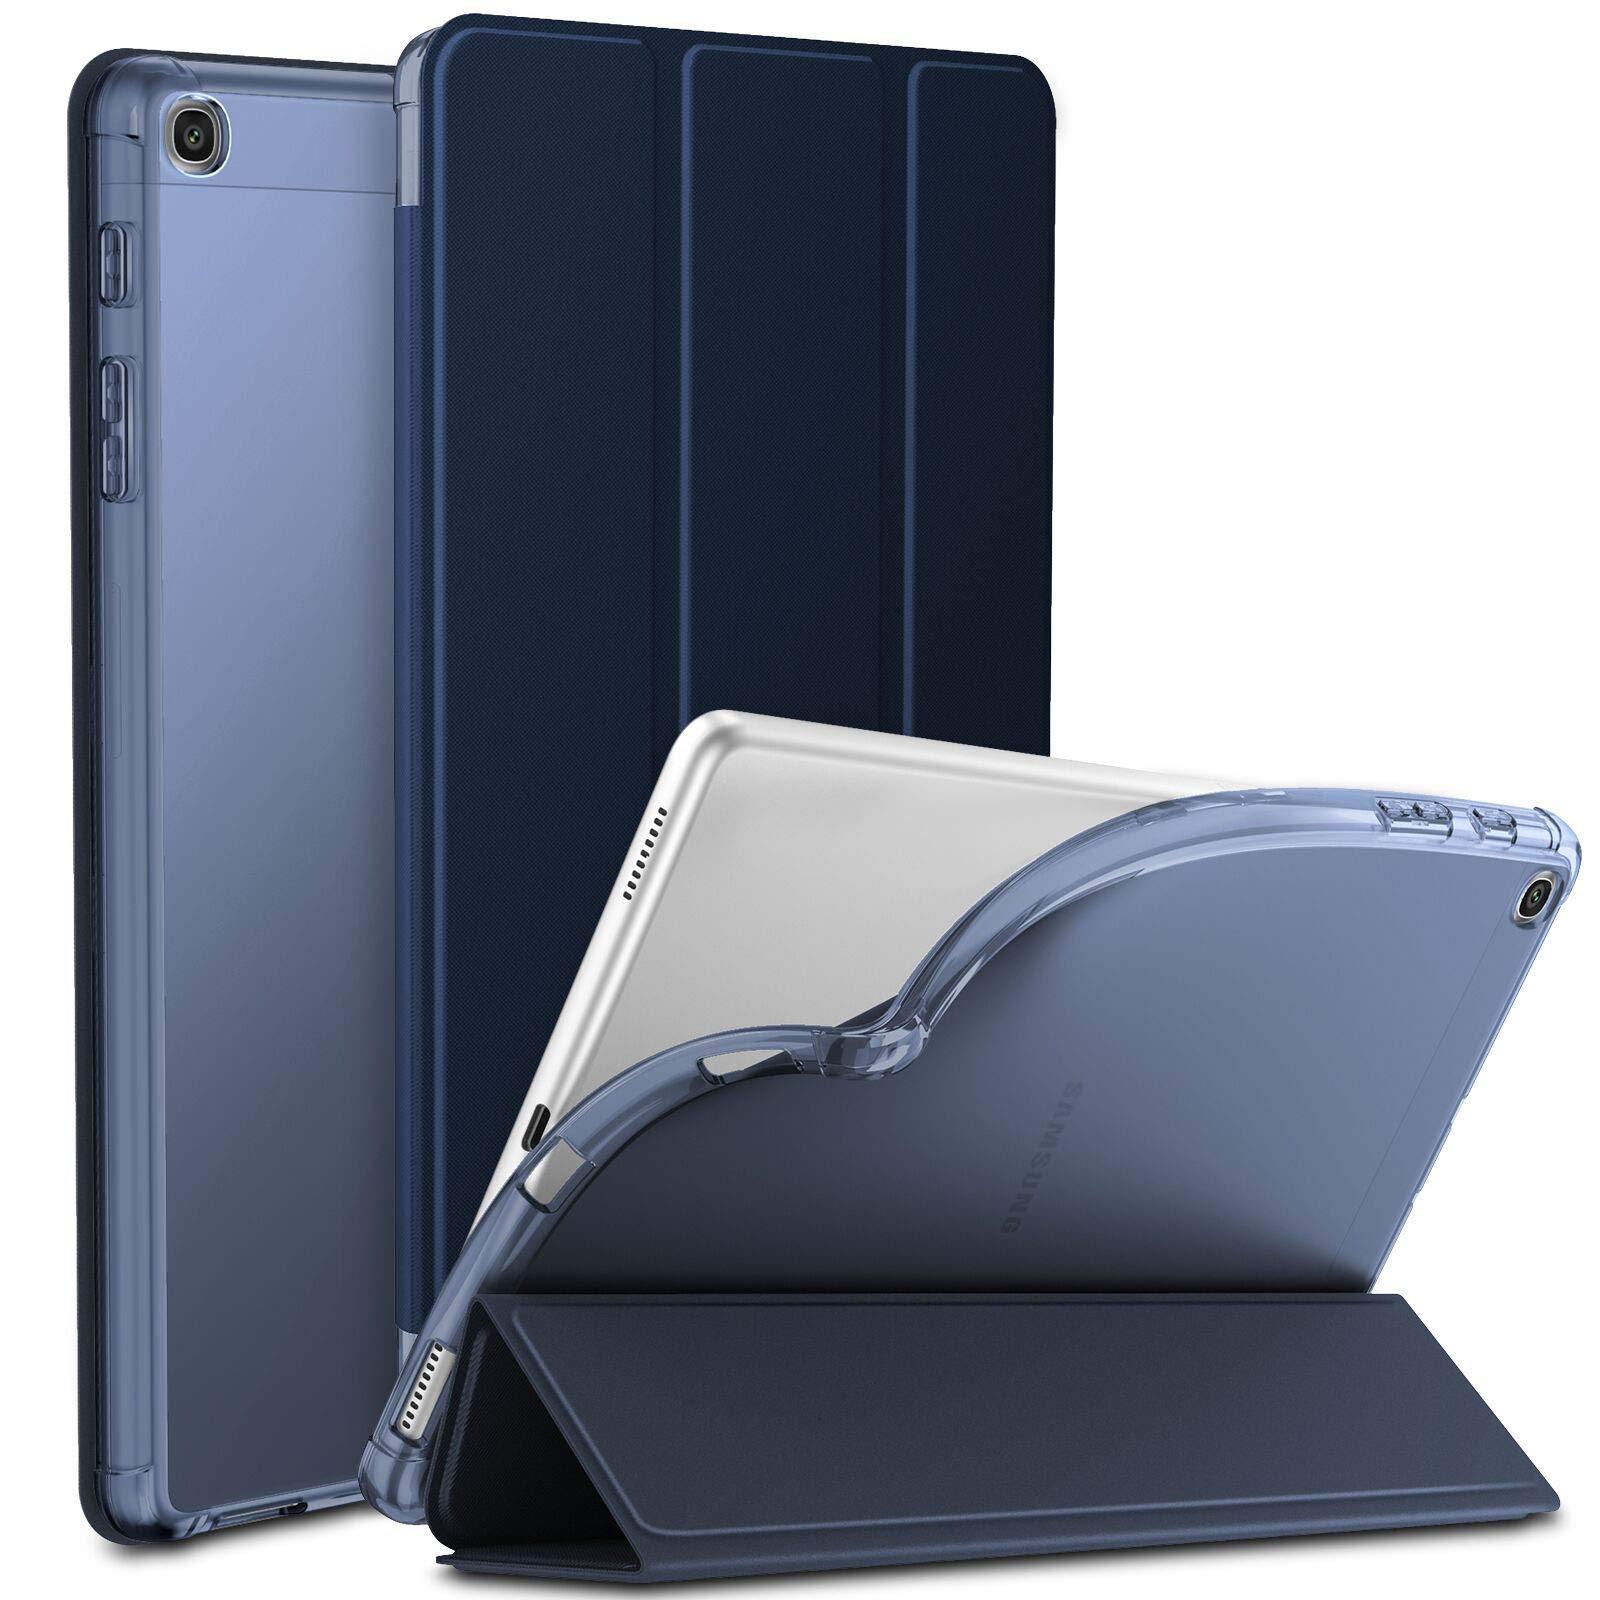 Funda Samsung Galaxy Tab A 10.1 SM-T510 (2019) INFILAND [7RN59MDM]